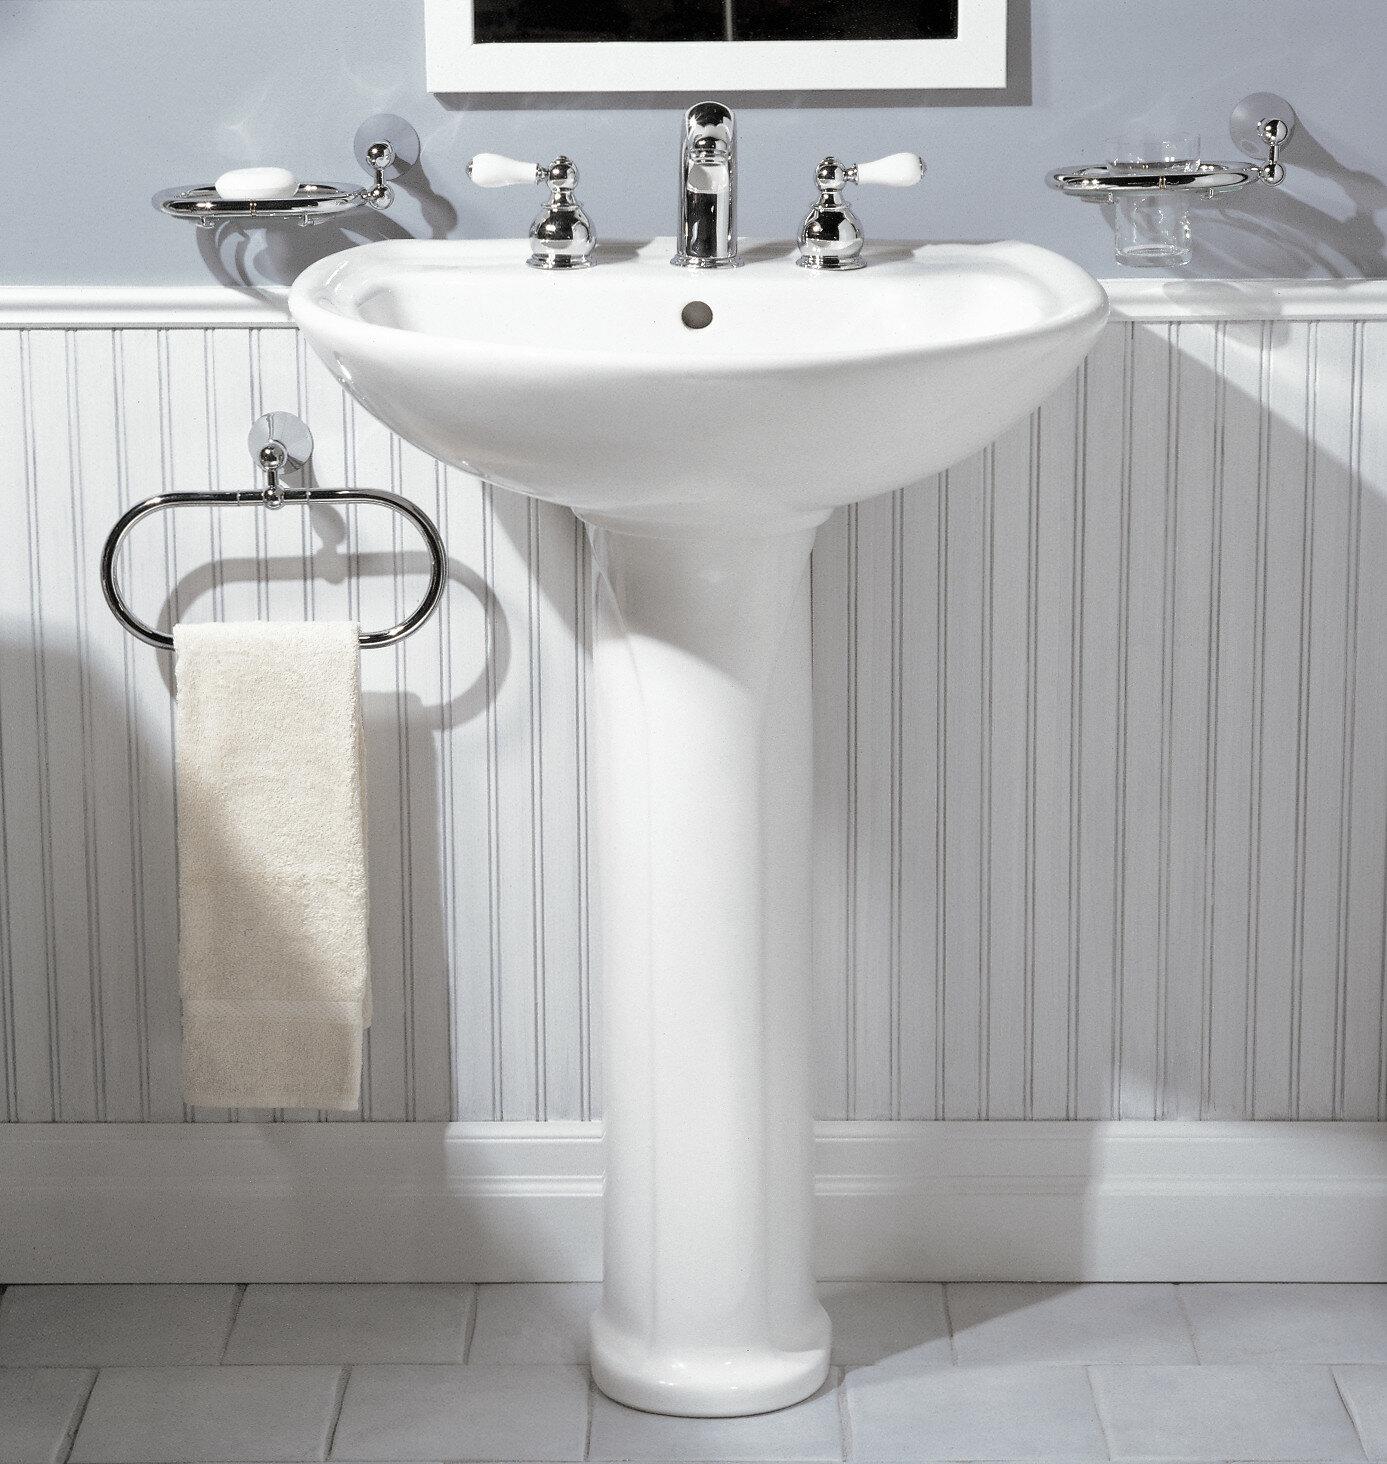 American Standard Cadet Ceramic 25 Pedestal Bathroom Sink With Overflow Reviews Wayfair